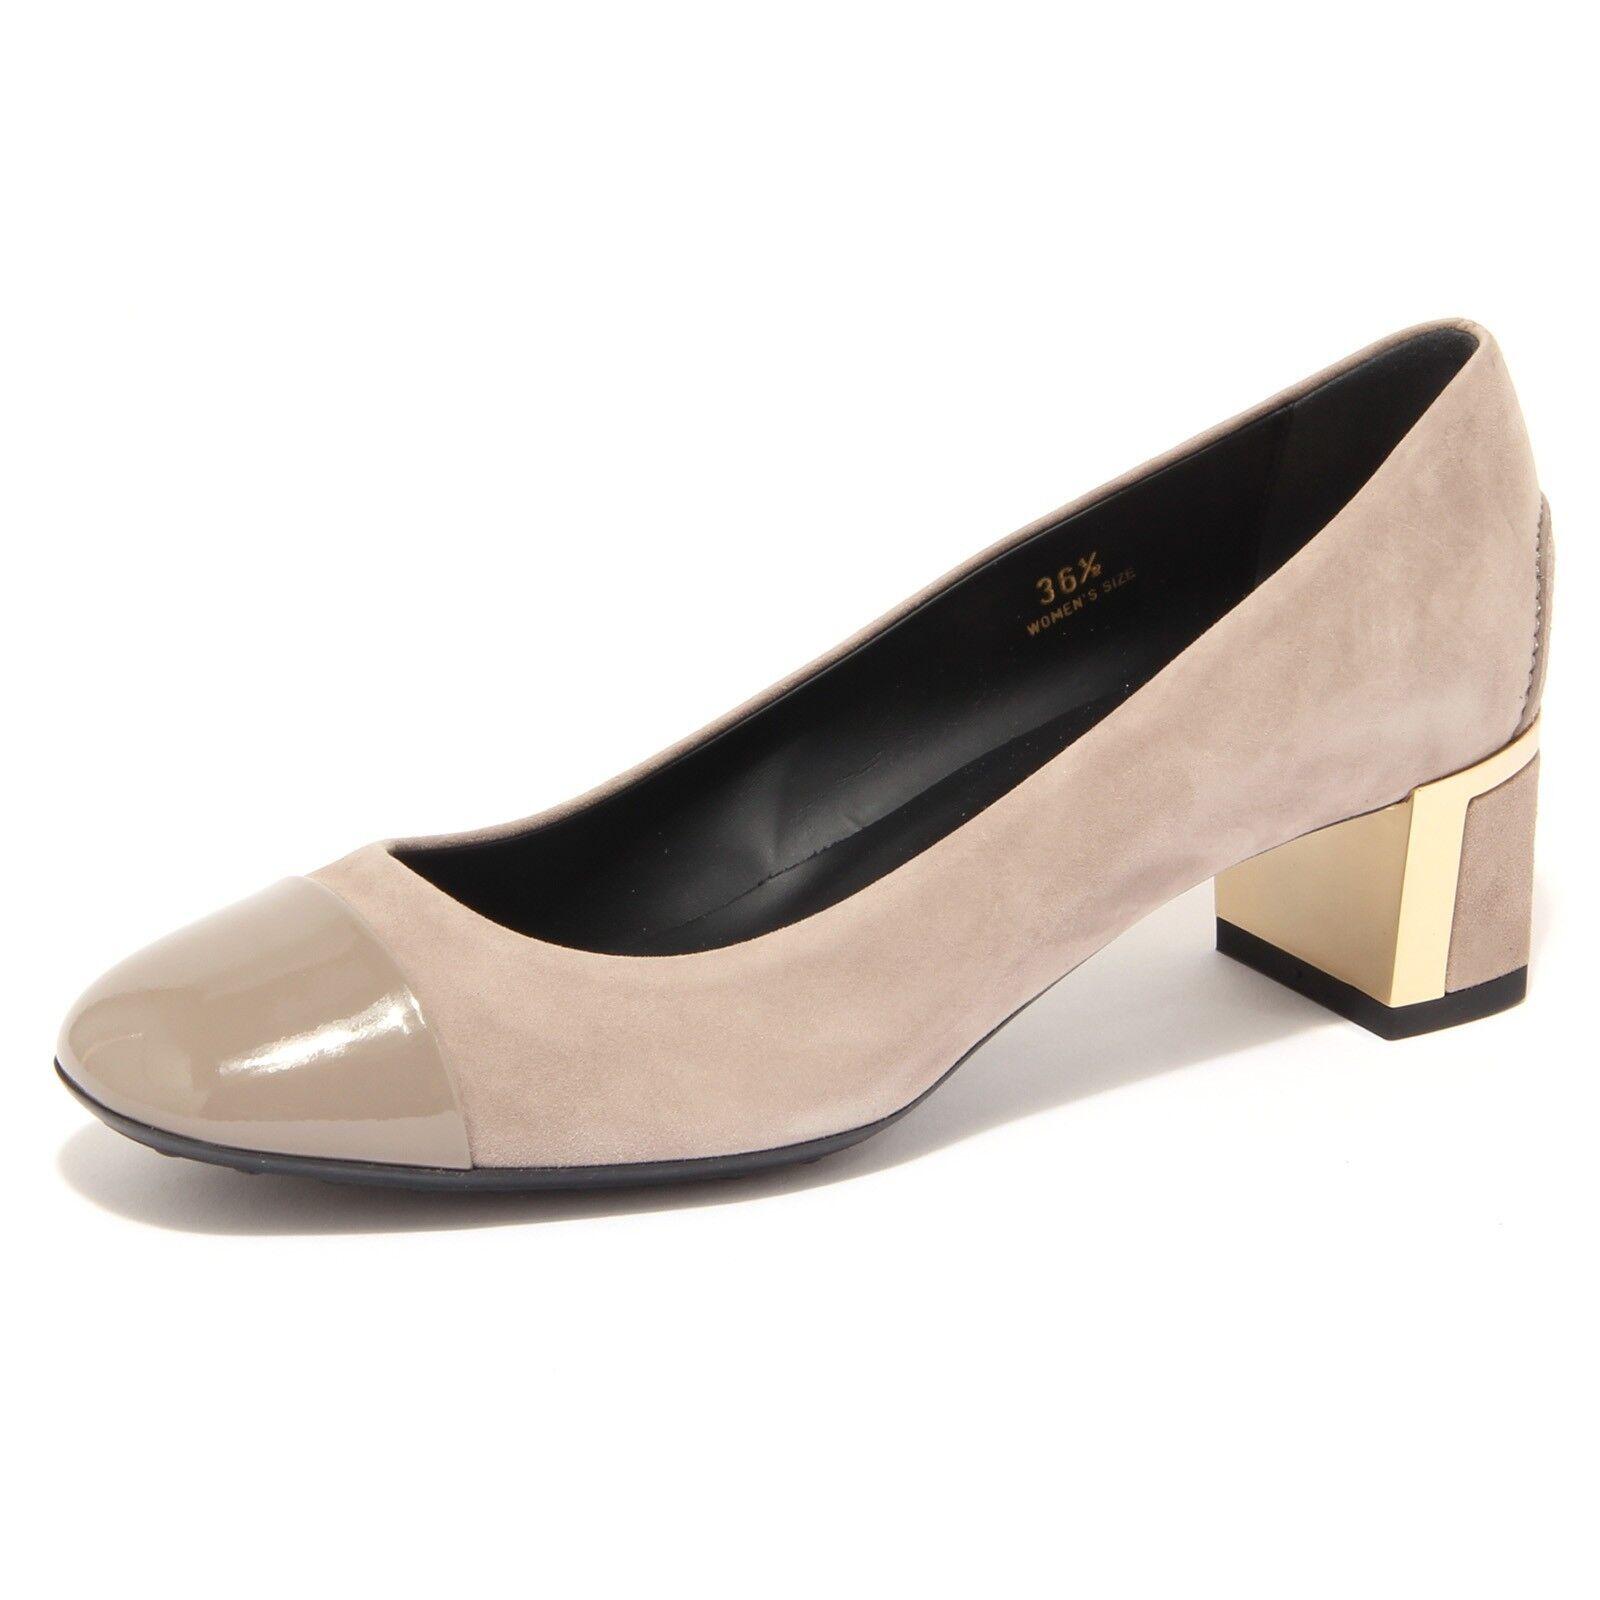 76726 decollete Tod's Gomma t 50 pt pt pt vintage Scarpa mujer zapatos mujer  precios bajos todos los dias